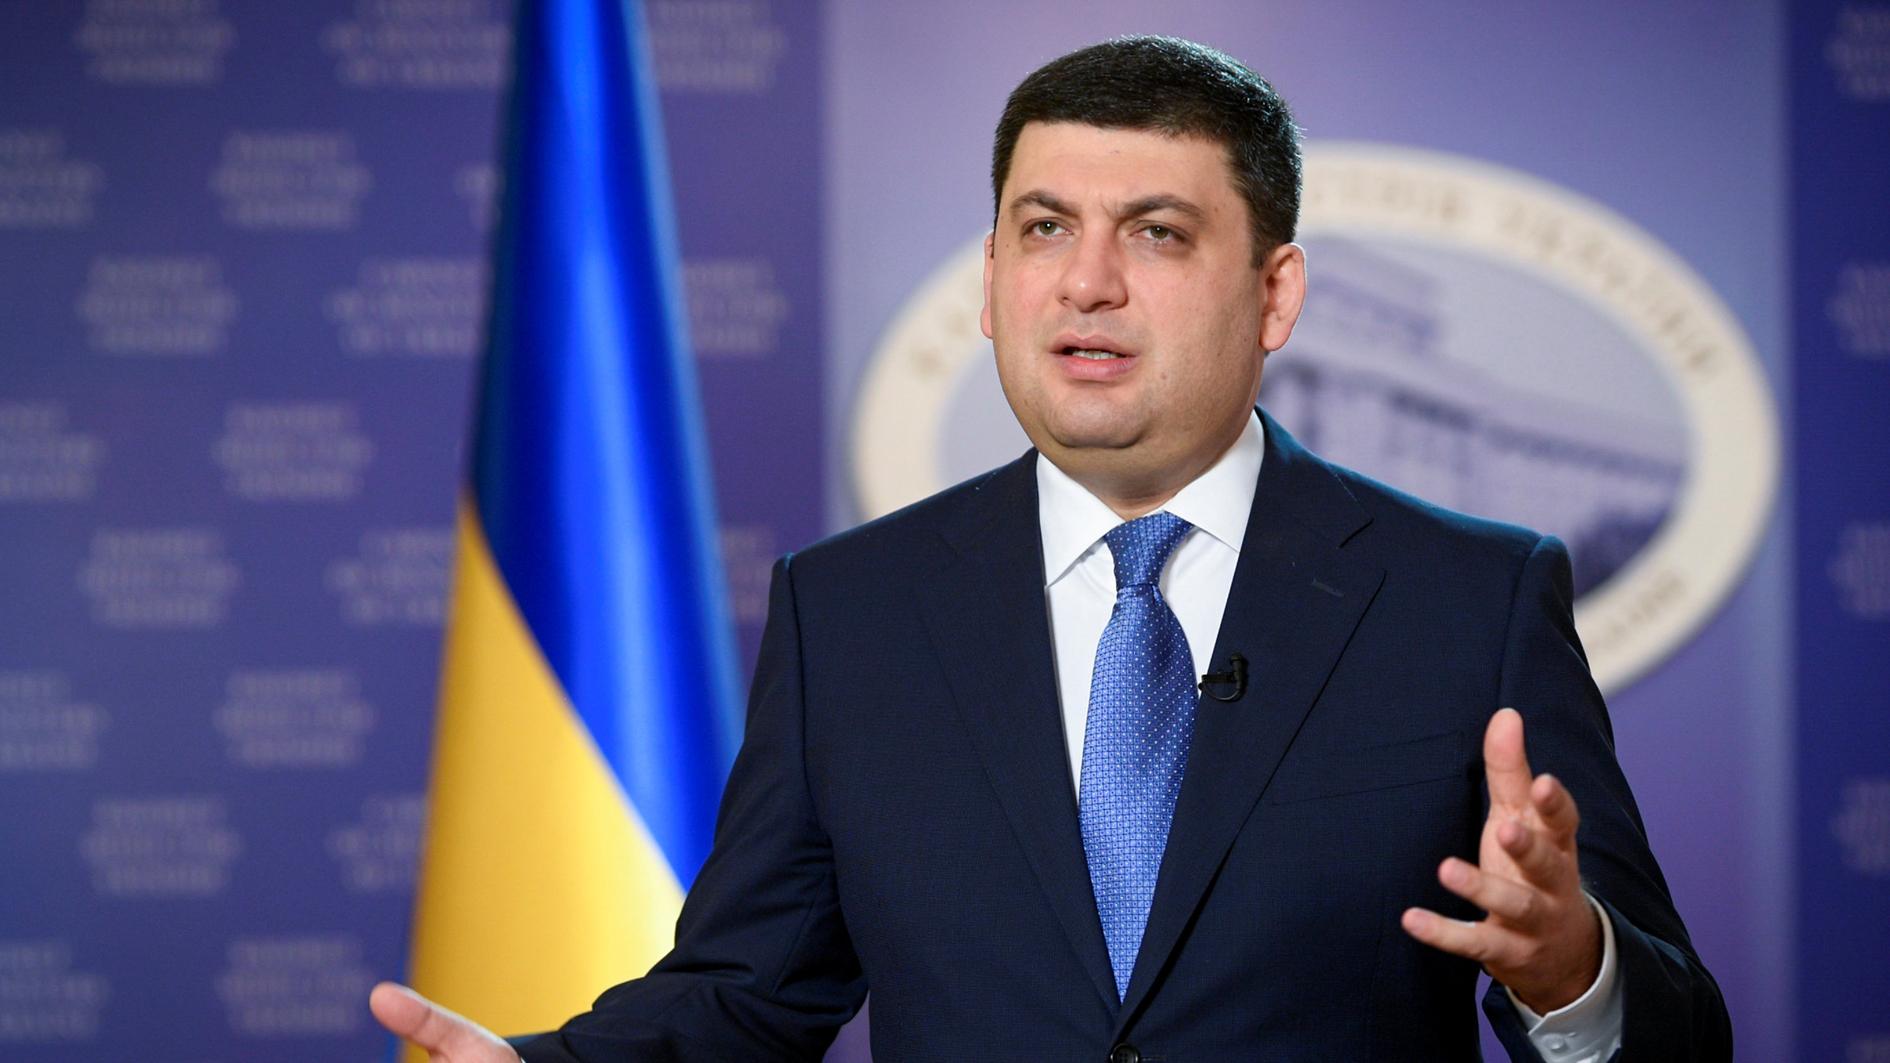 Ще один антикорупційний орган діятиме в Україні